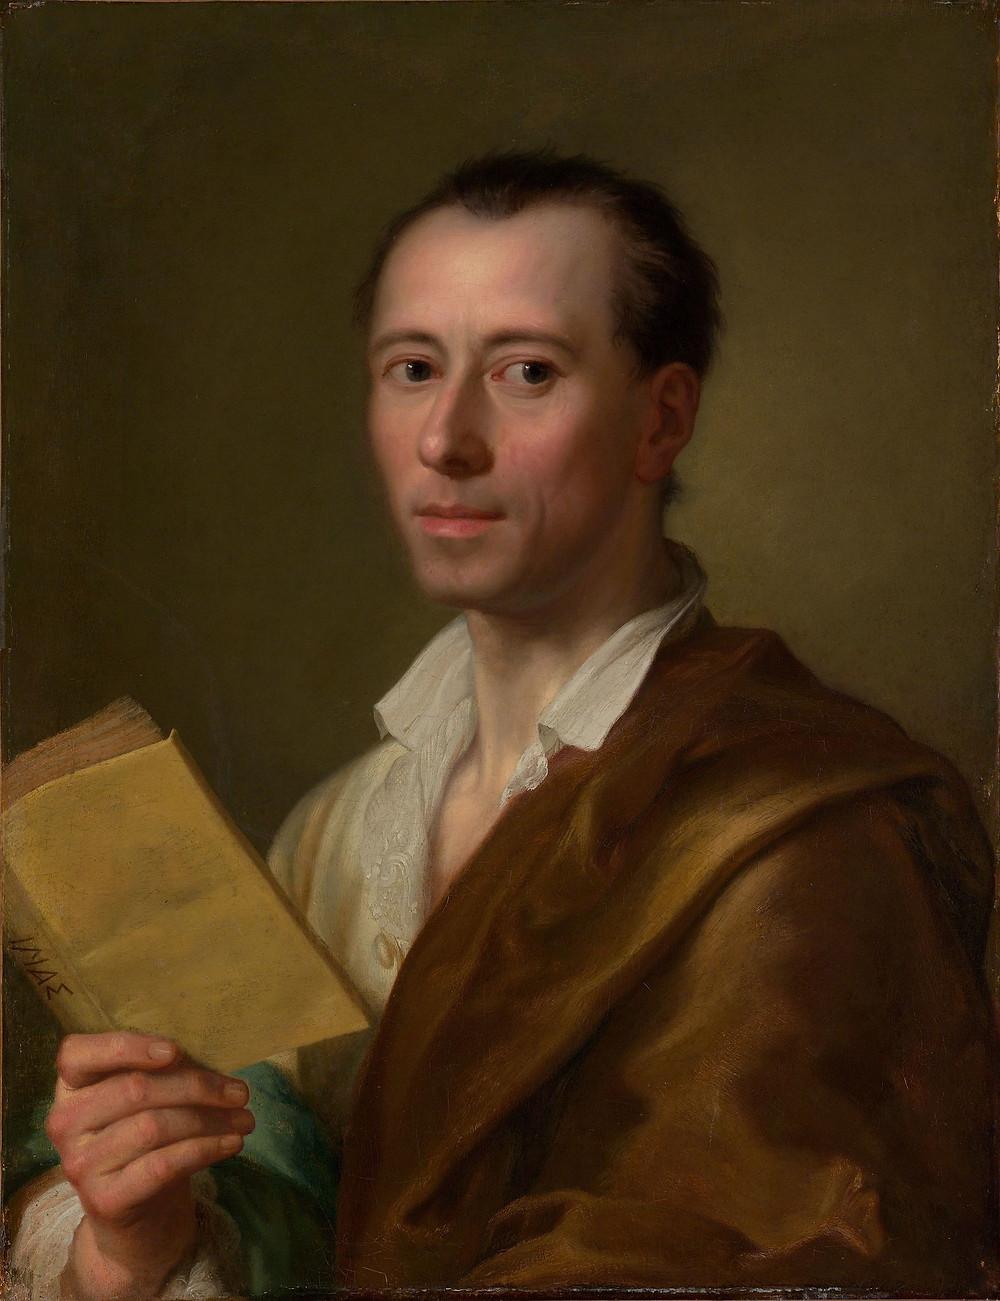 拉斐爾·門斯所繪溫克爾曼肖像